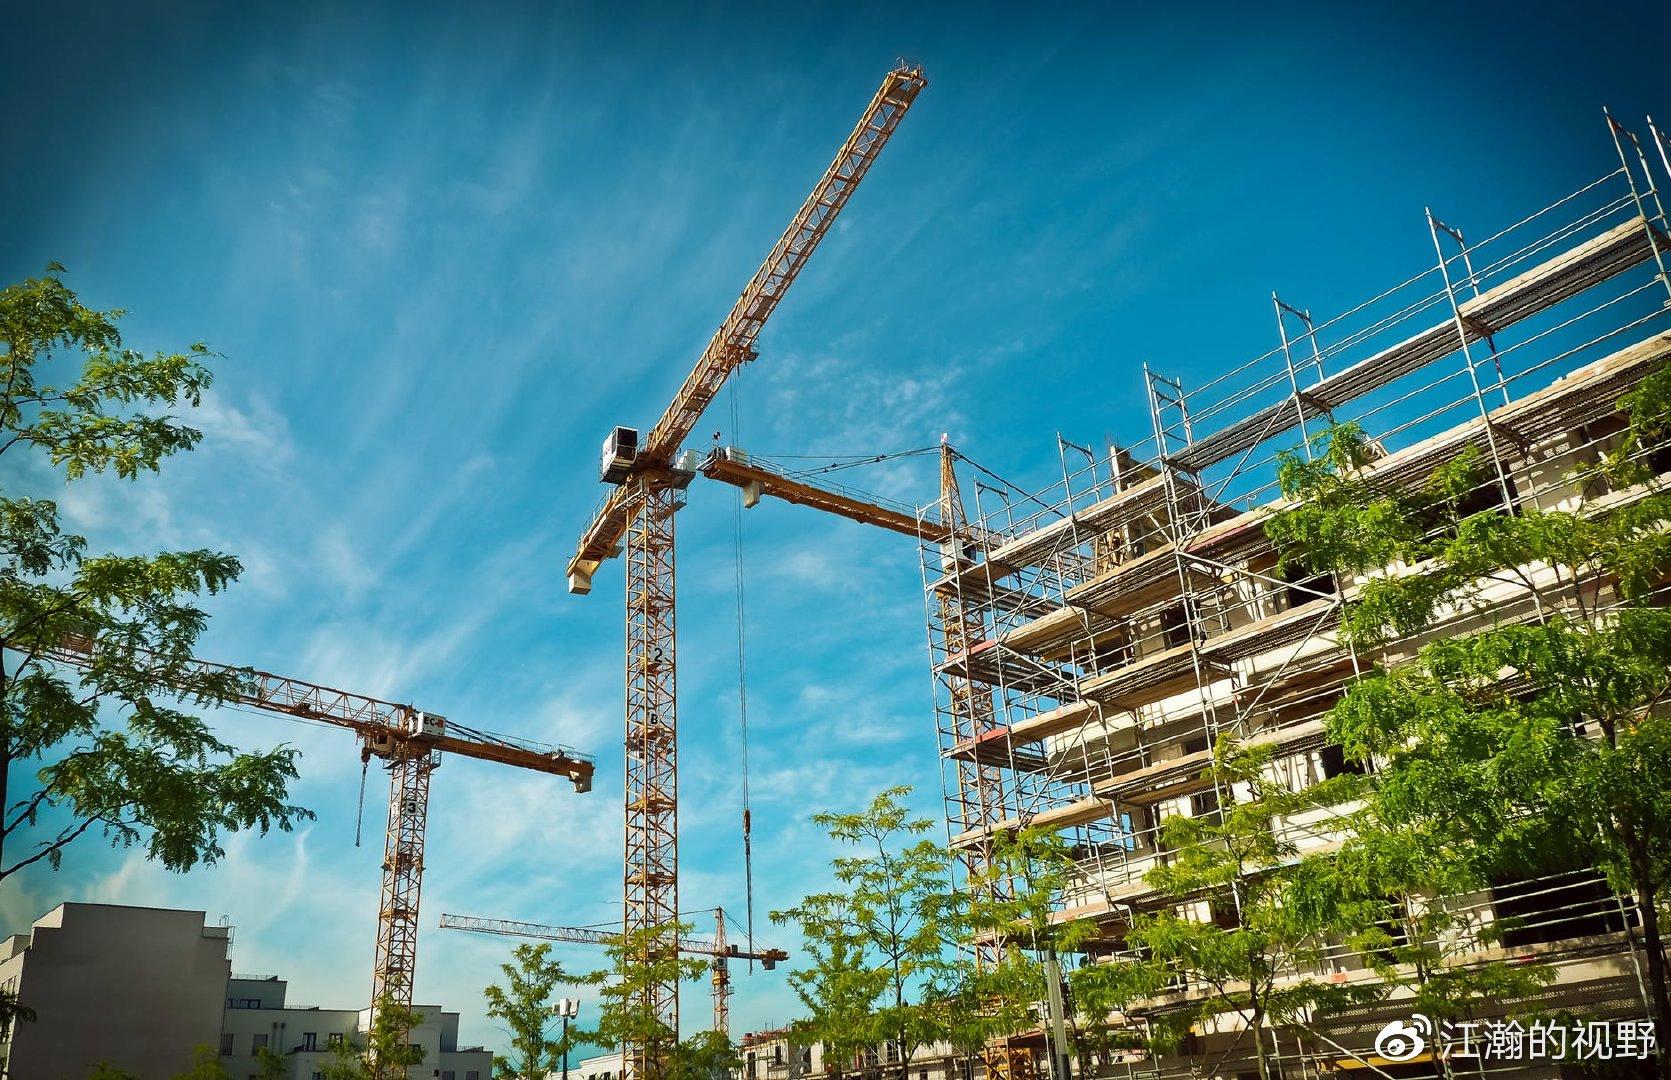 上海发布二手房房源管理新政,上海的二手房市场要变了吗?